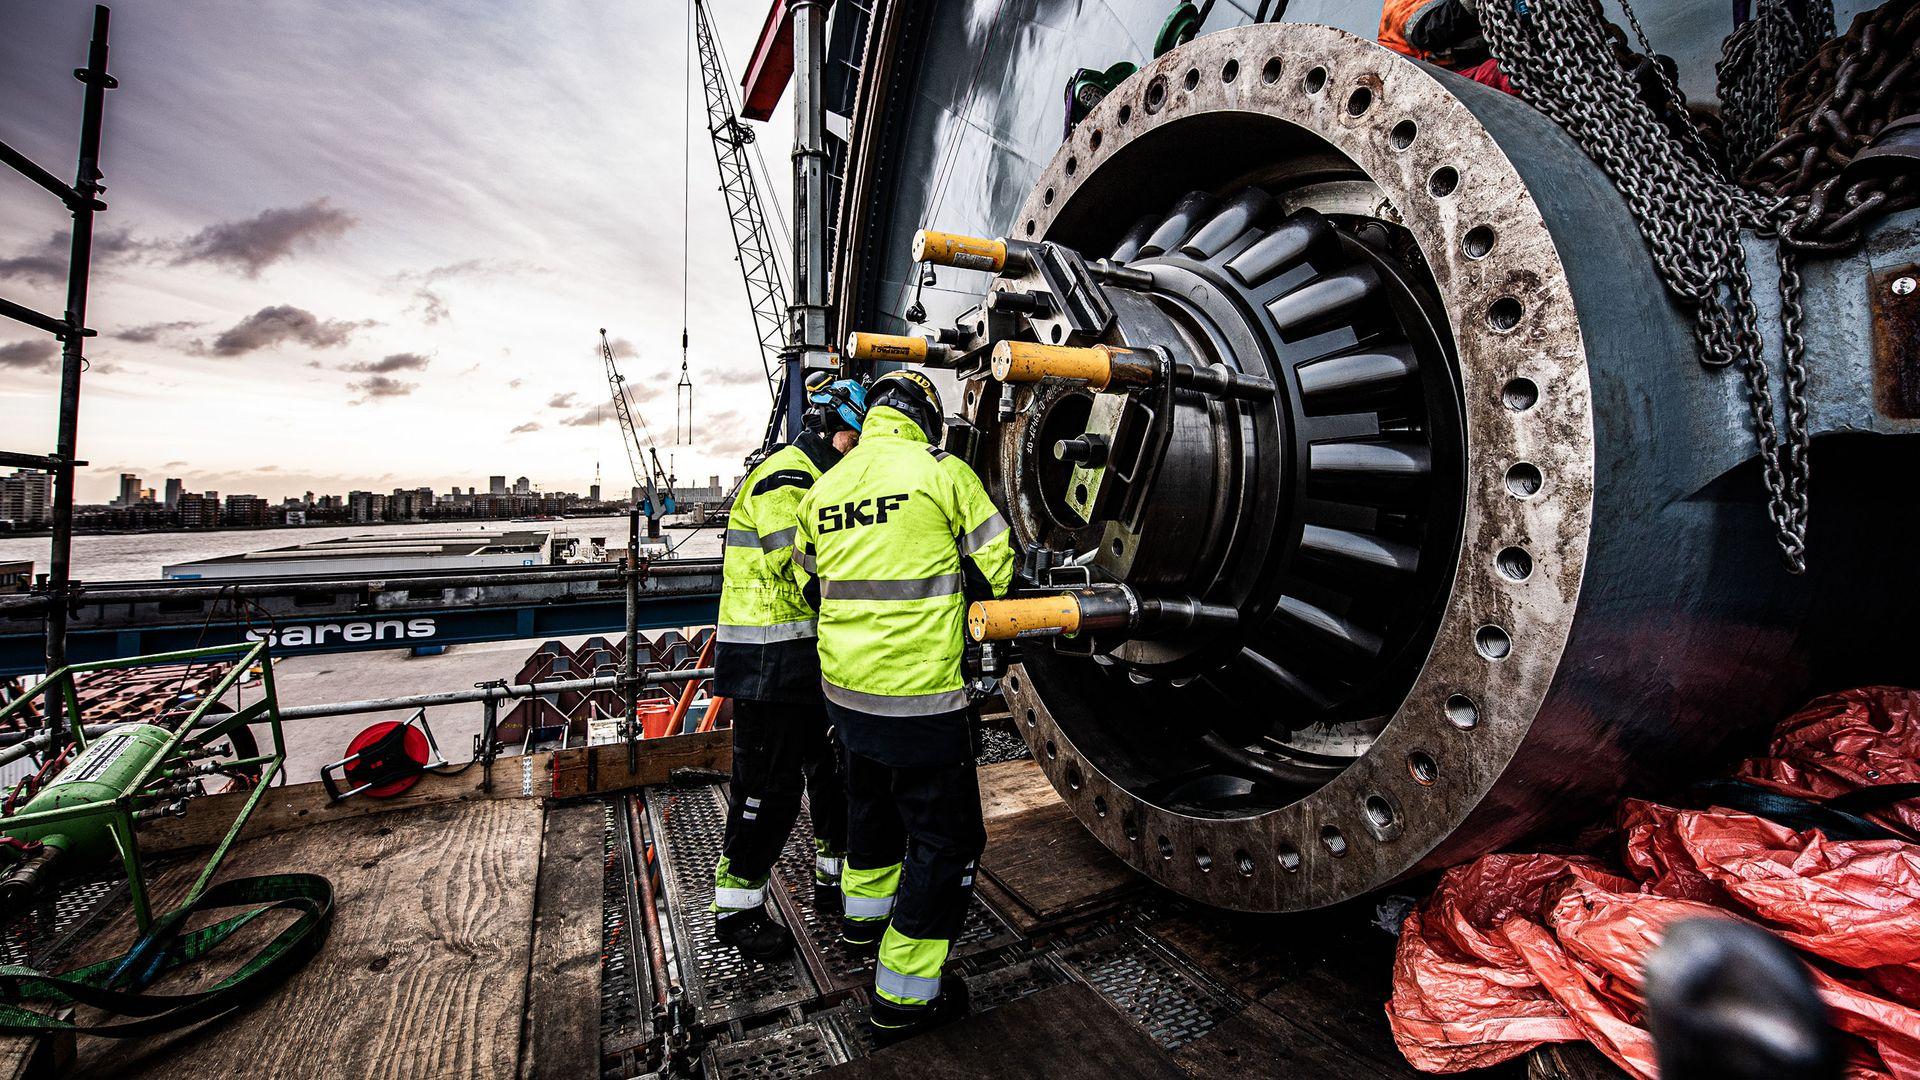 ANNONSE: Tilstandskontroll og riktig vedlikehold øker konkurranseevnen i norsk industri